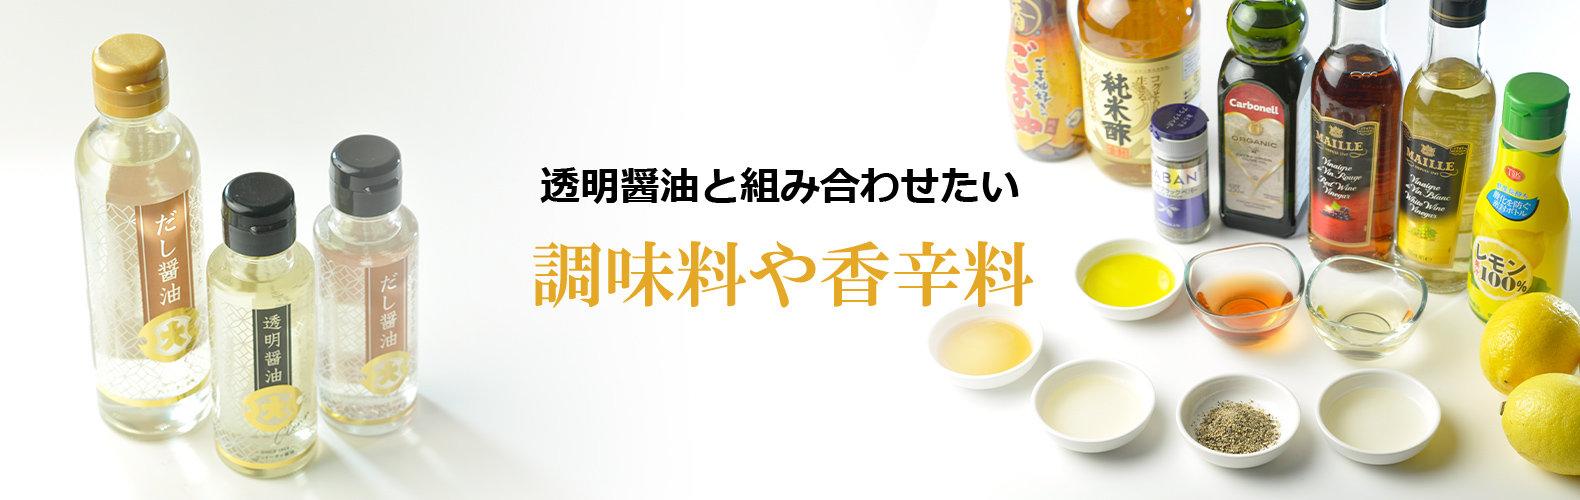 透明醤油と調味料1580×500イメージ.jpg